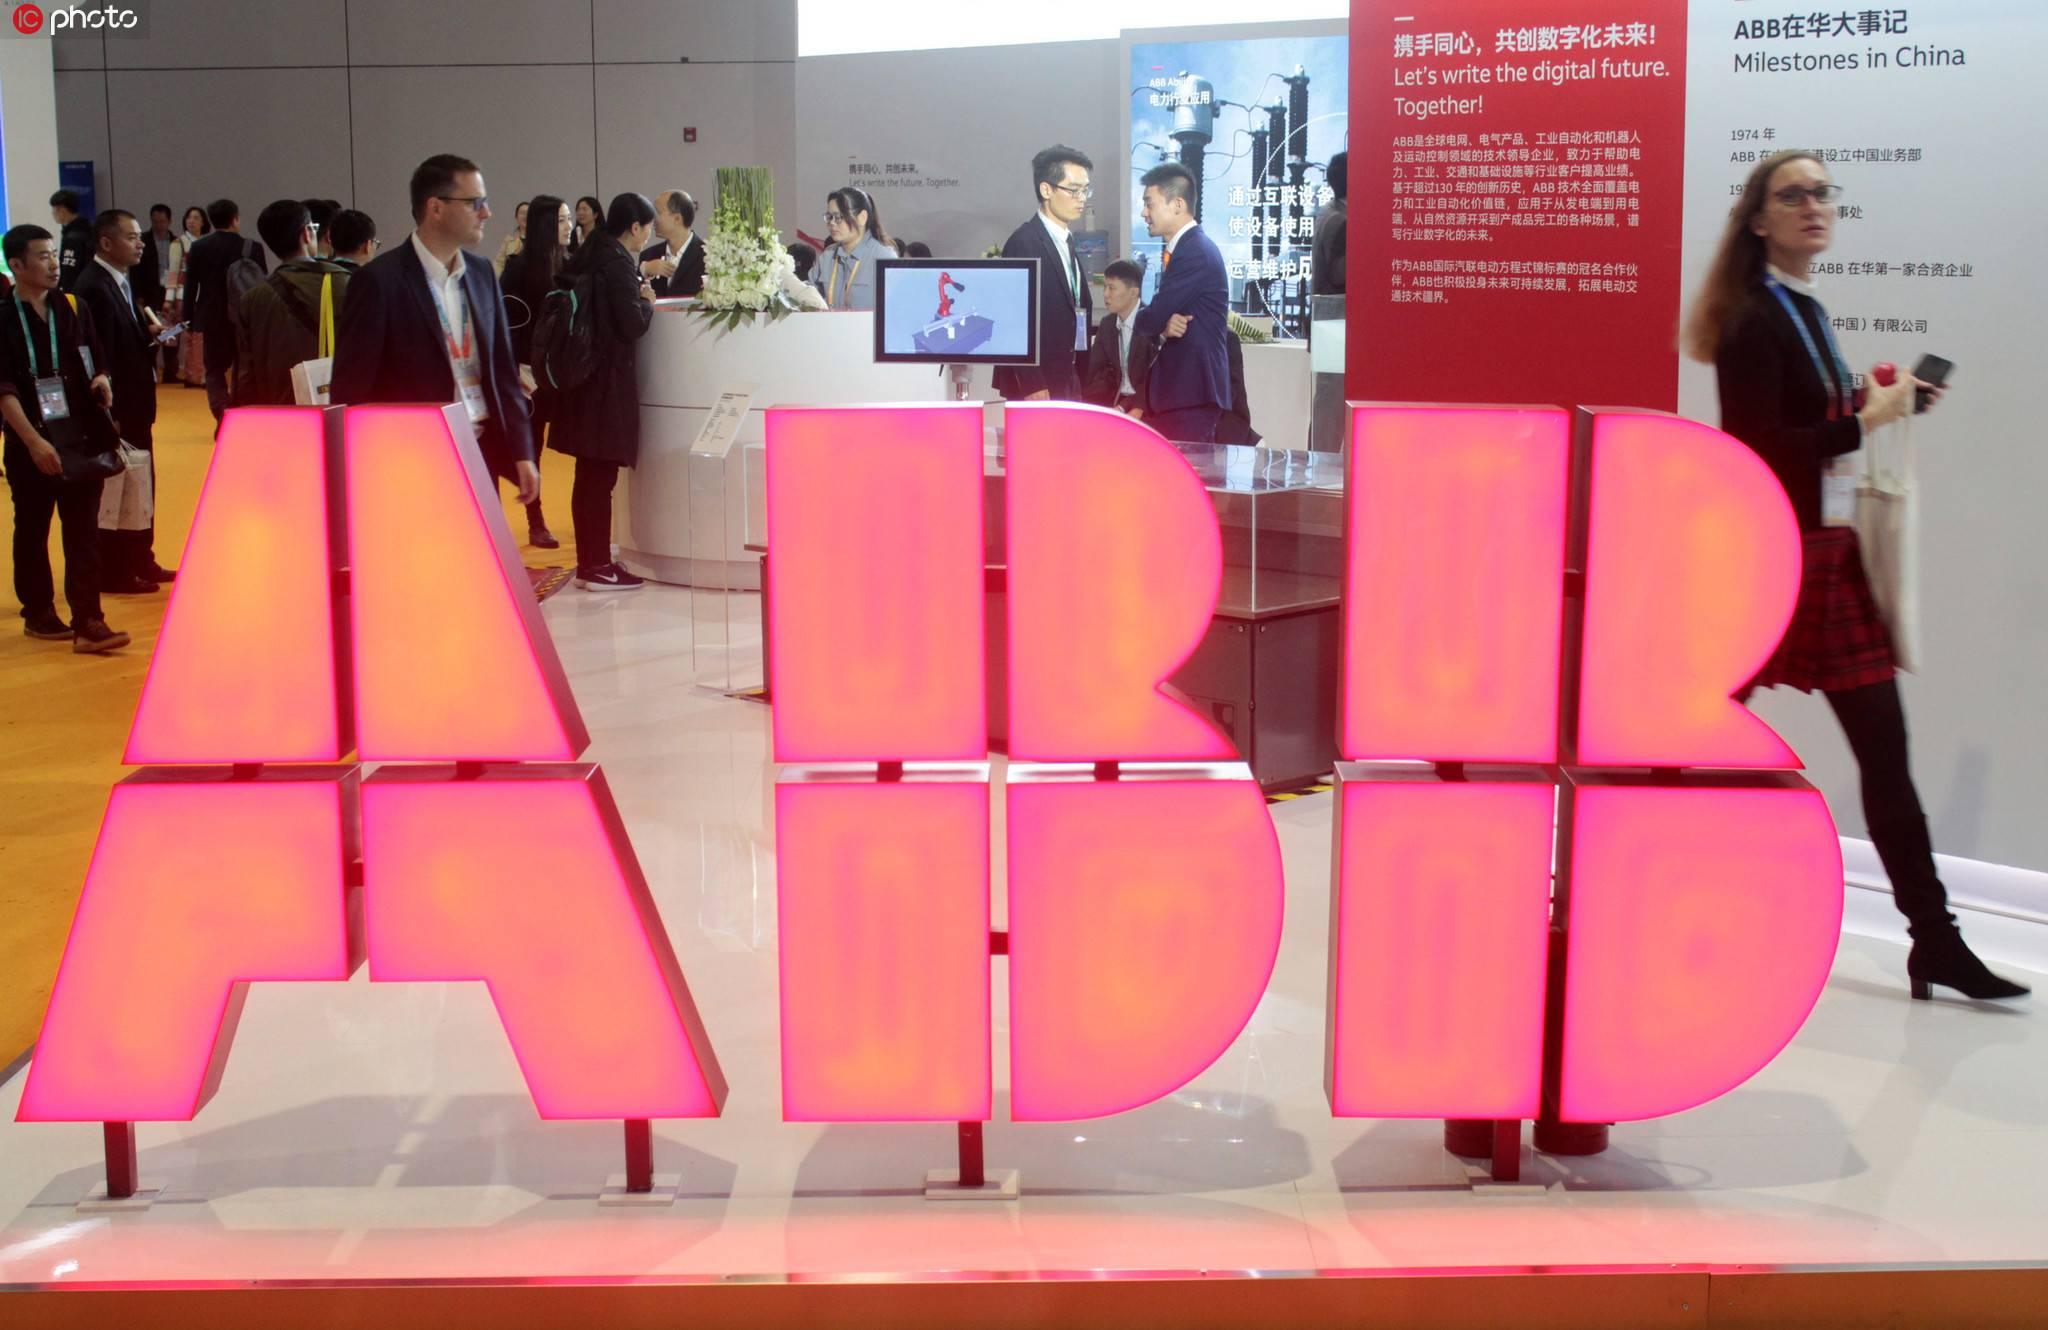 深度解密ABB数字化未来 | 全球智能制造系列研究(二)